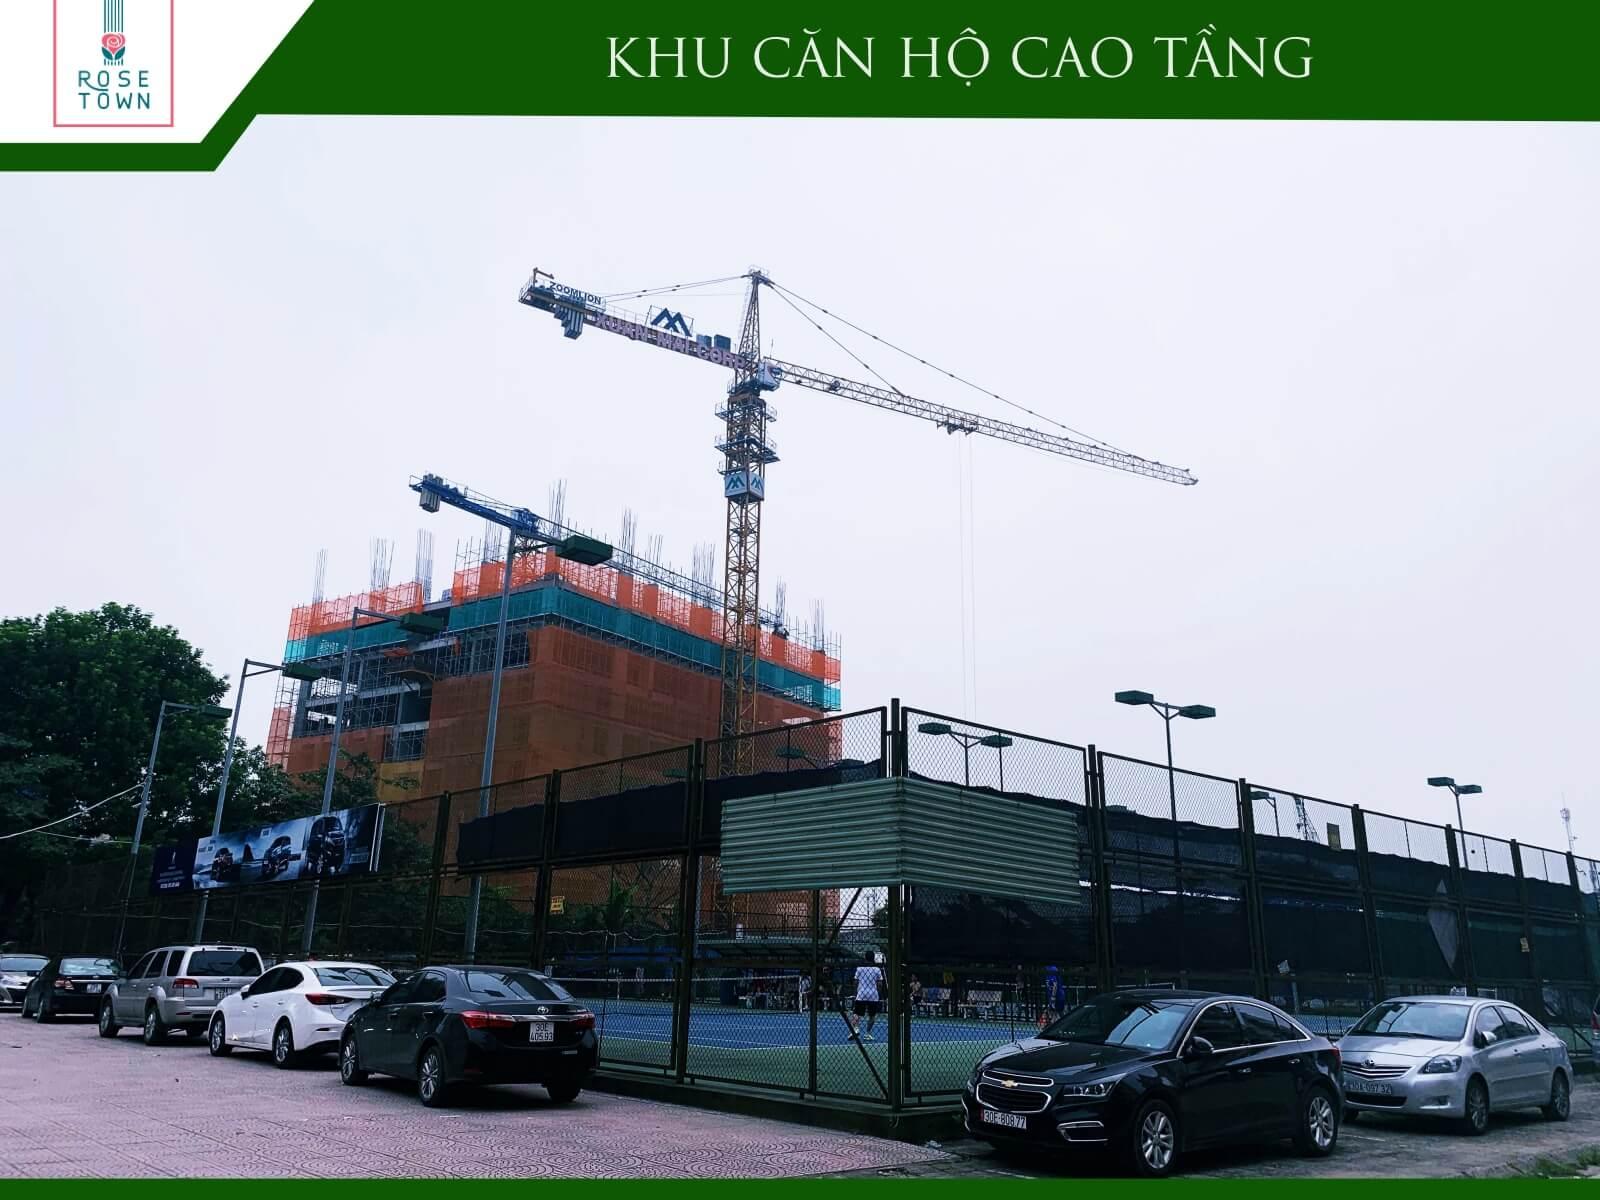 Tiến độ xây dựng chung cư Rose Town tháng 9/2019